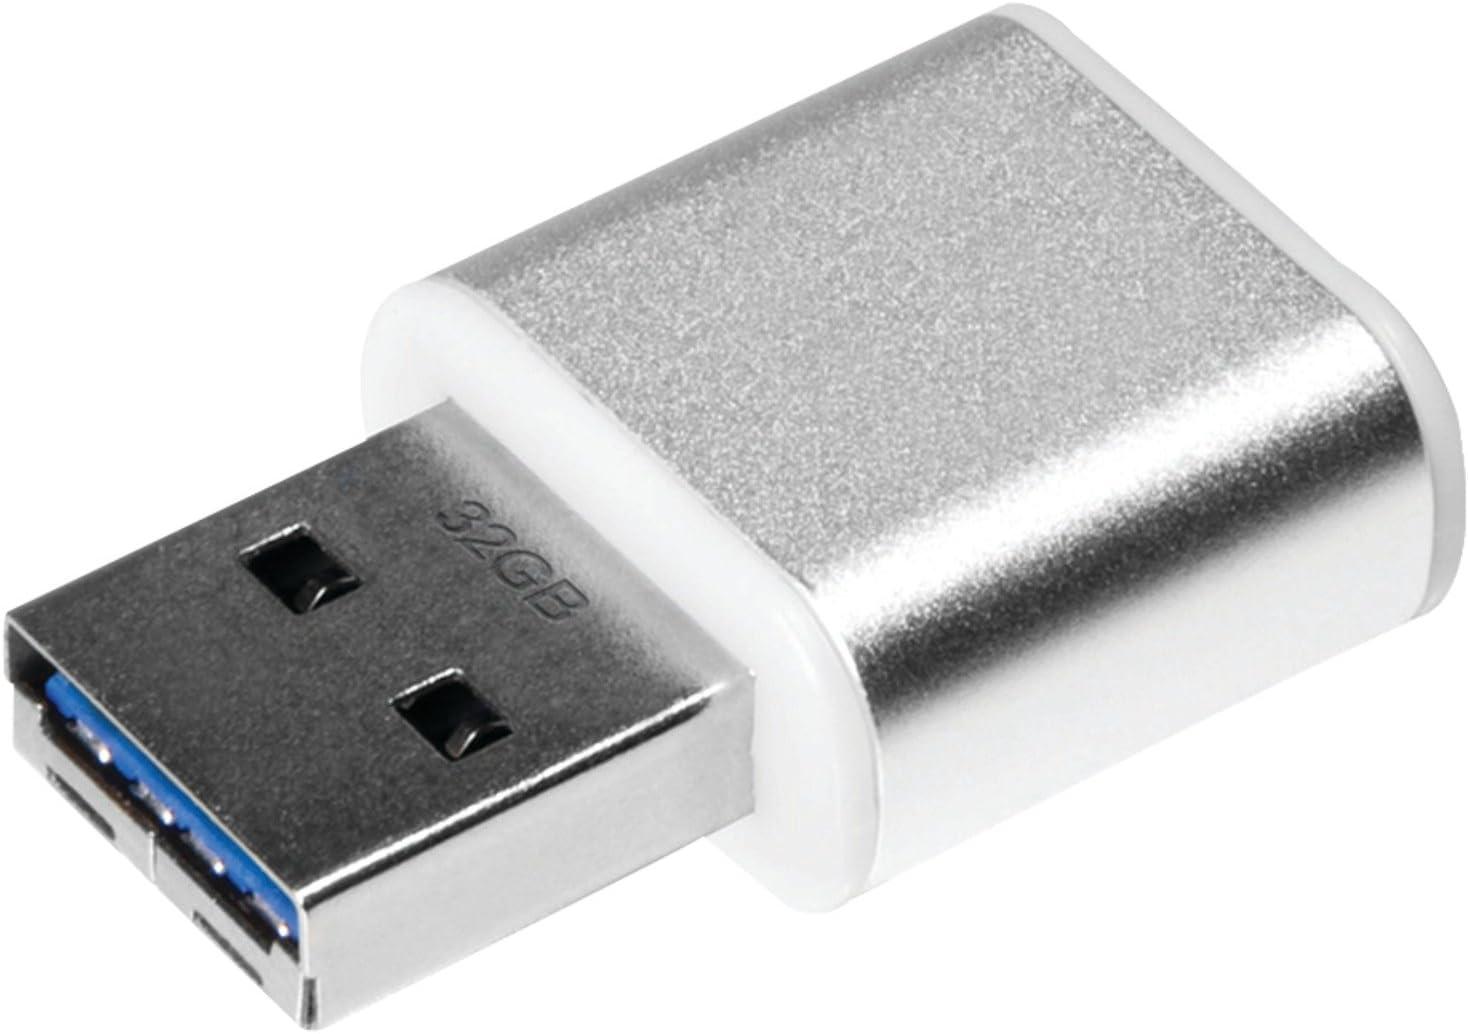 Verbatim 32GB Store 'n' Go Mini Metal USB Flash Drive 49840